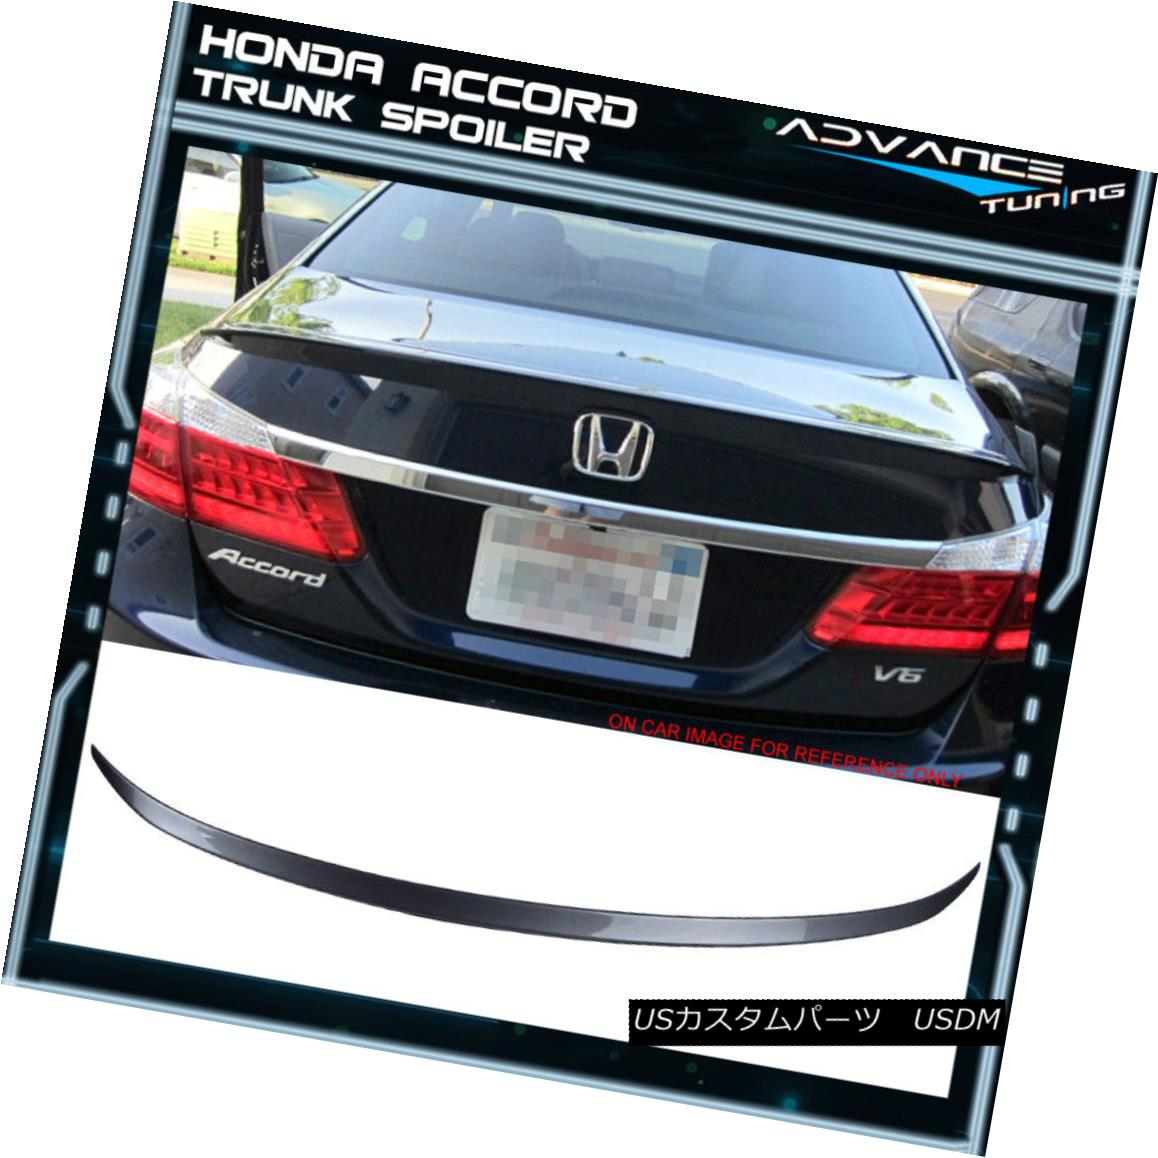 エアロパーツ 13-16 Honda Accord 9TH OE Painted #NH797M Modern Steel Metallic Trunk Spoiler 13-16 Honda Accord 9TH OE塗装済み#NH797Mモダンスチールメタリックトランクスポイラー